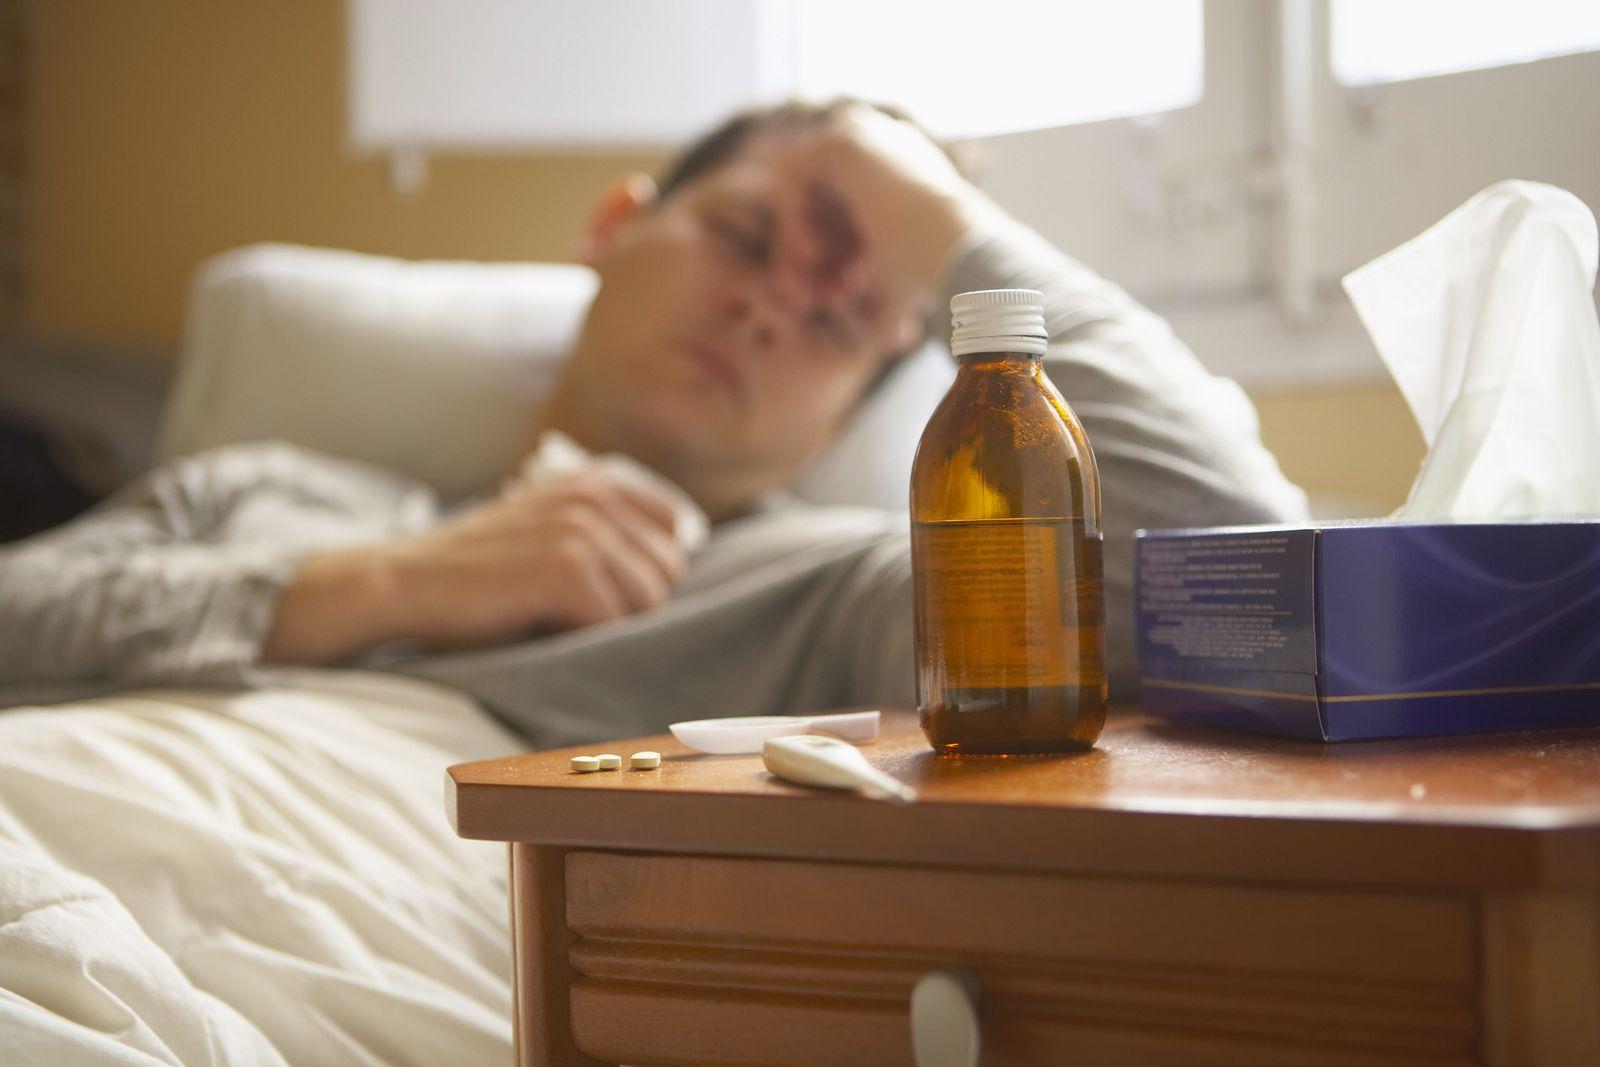 NICHT MEHR VERWENDEN! - SYMBOLBILD Grippewelle